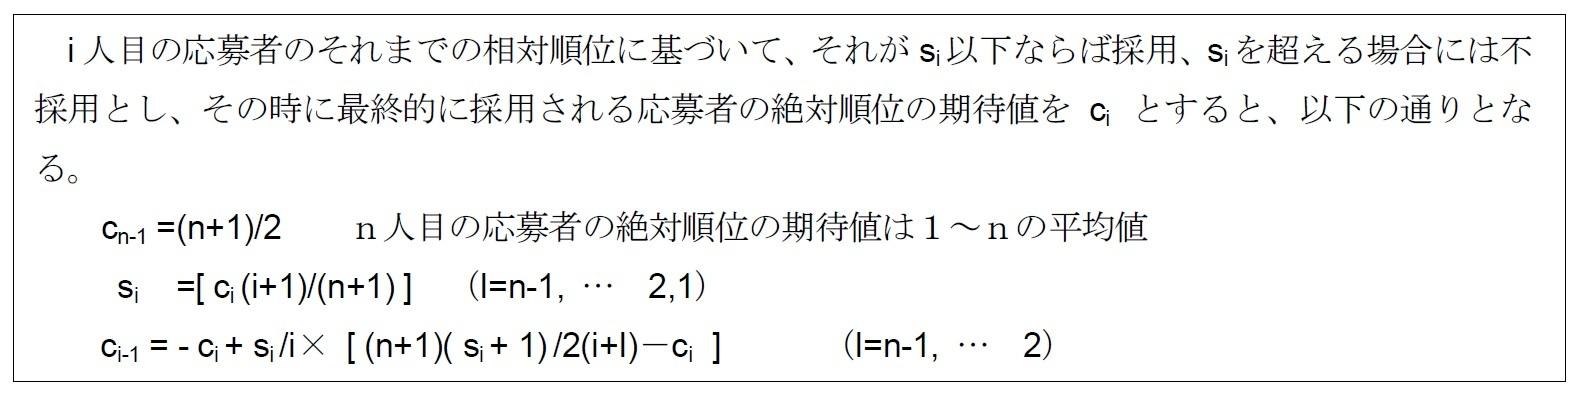 順位最小化問題1